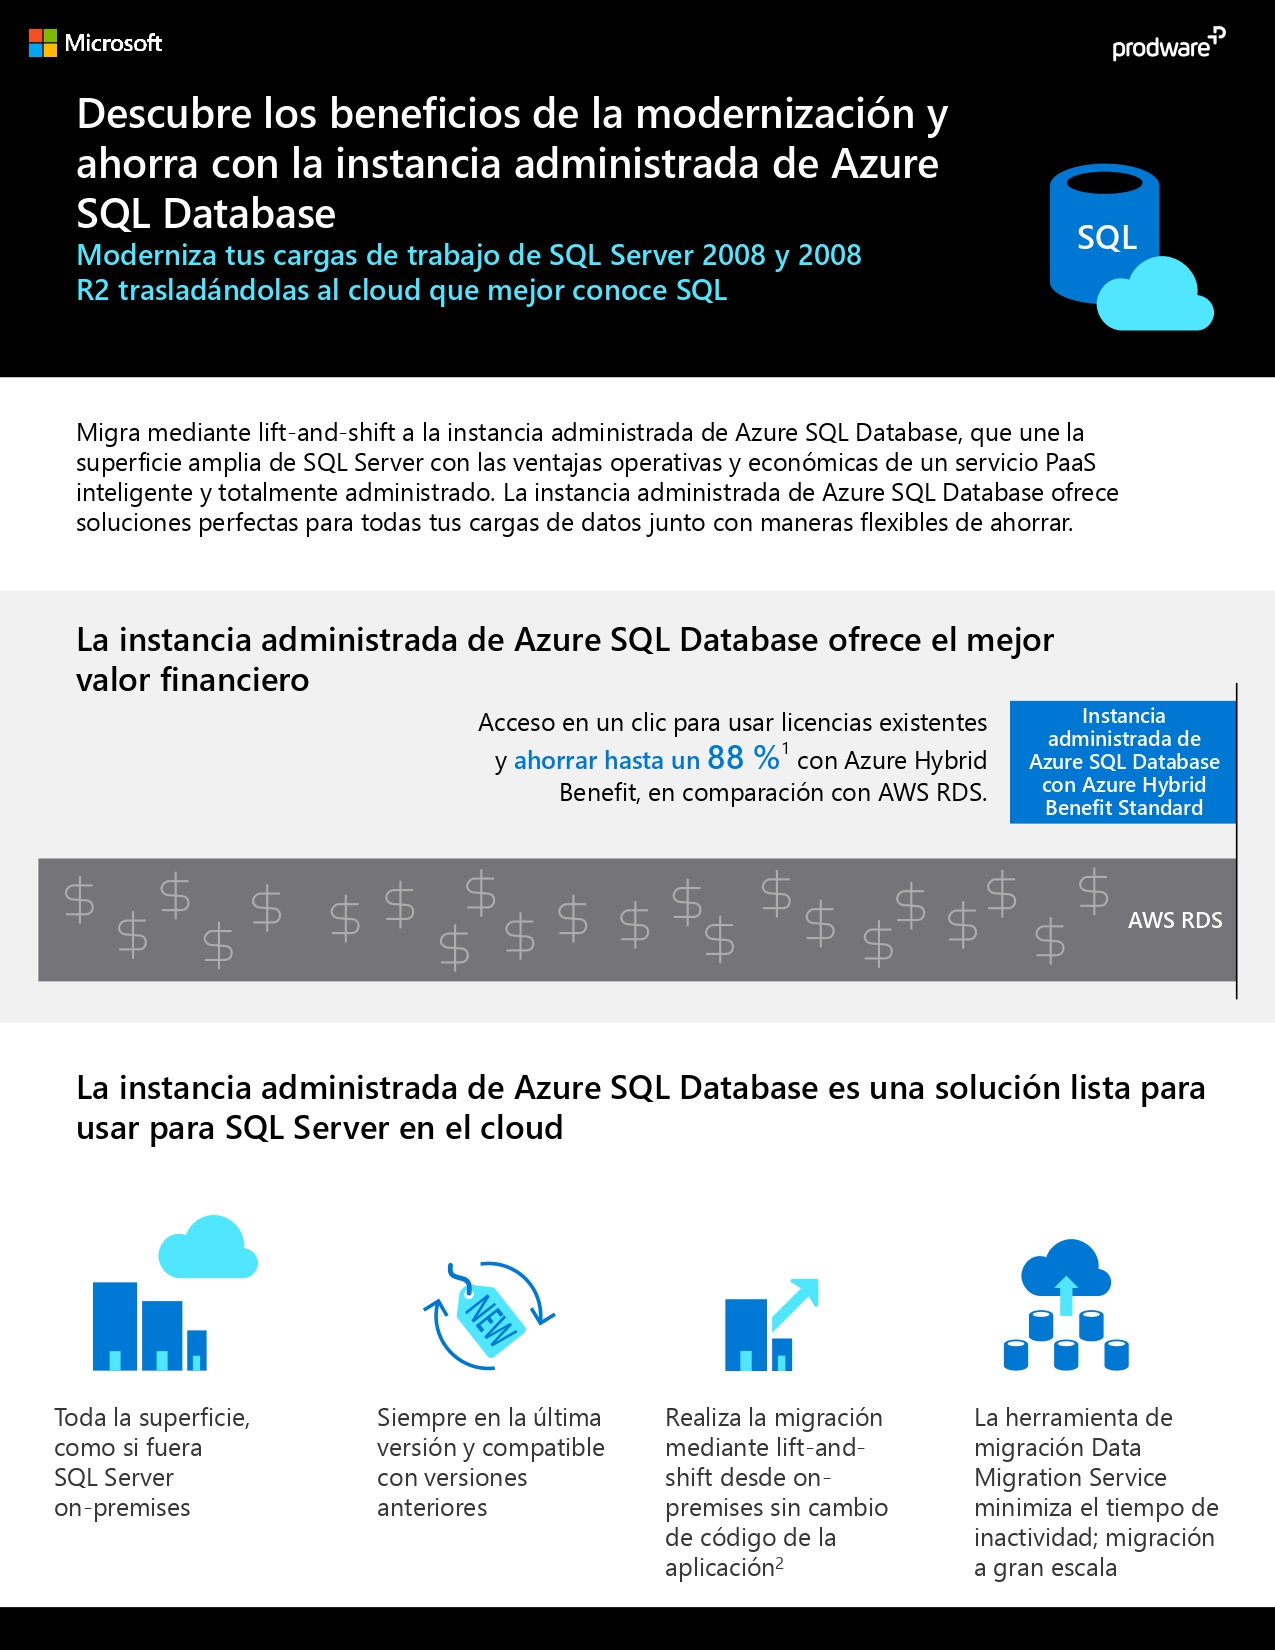 Azure SQL DB modernisation infografia_pages-to-jpg-0001